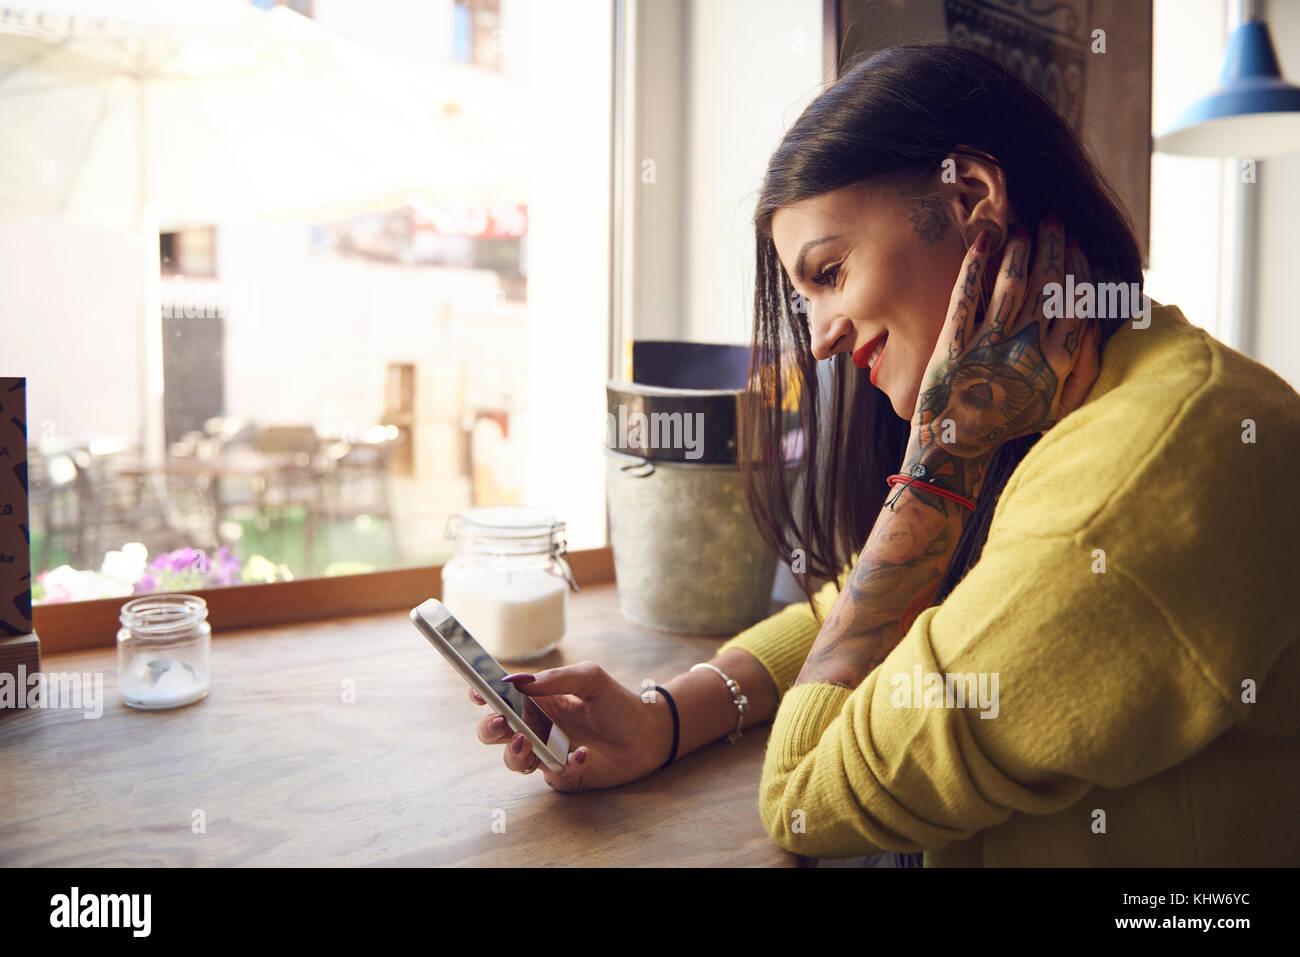 Mujer joven sentado en la cafetería, con smartphone, tatuajes en el brazo y mano Imagen De Stock